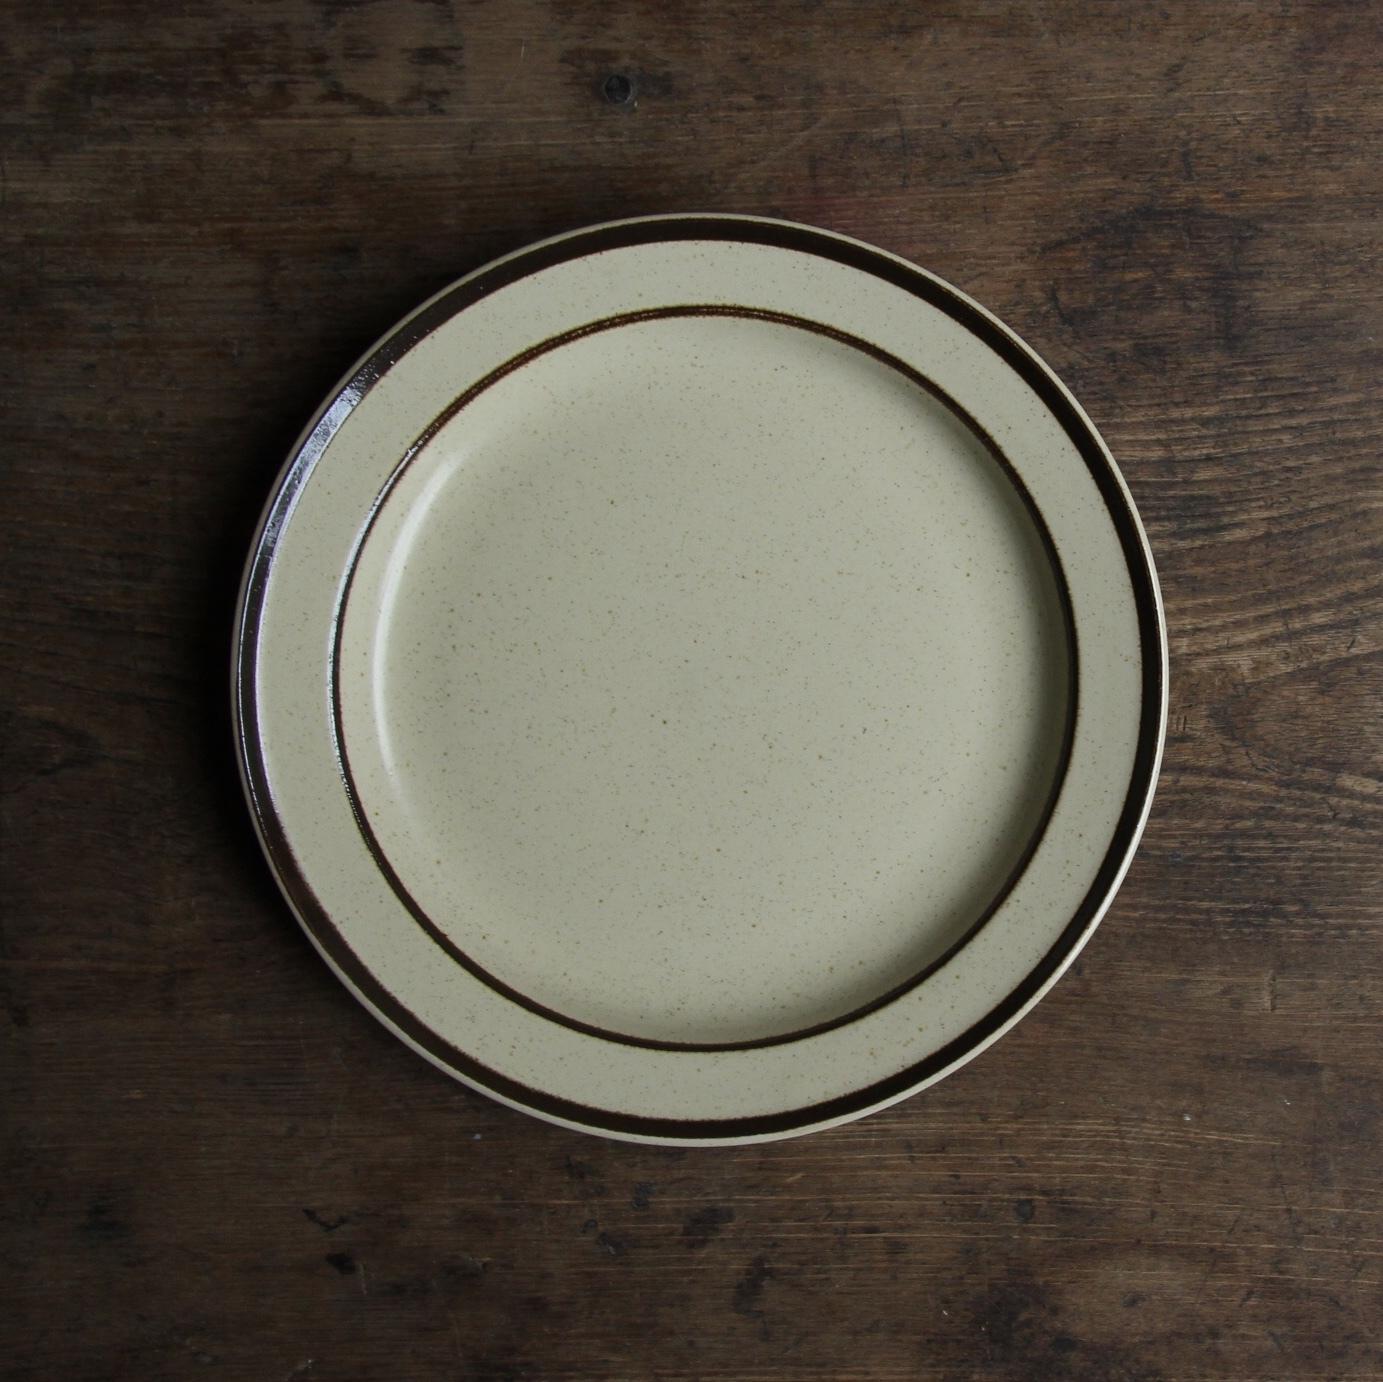 アポロ 昭和レトロなケーキプレート 在庫4枚